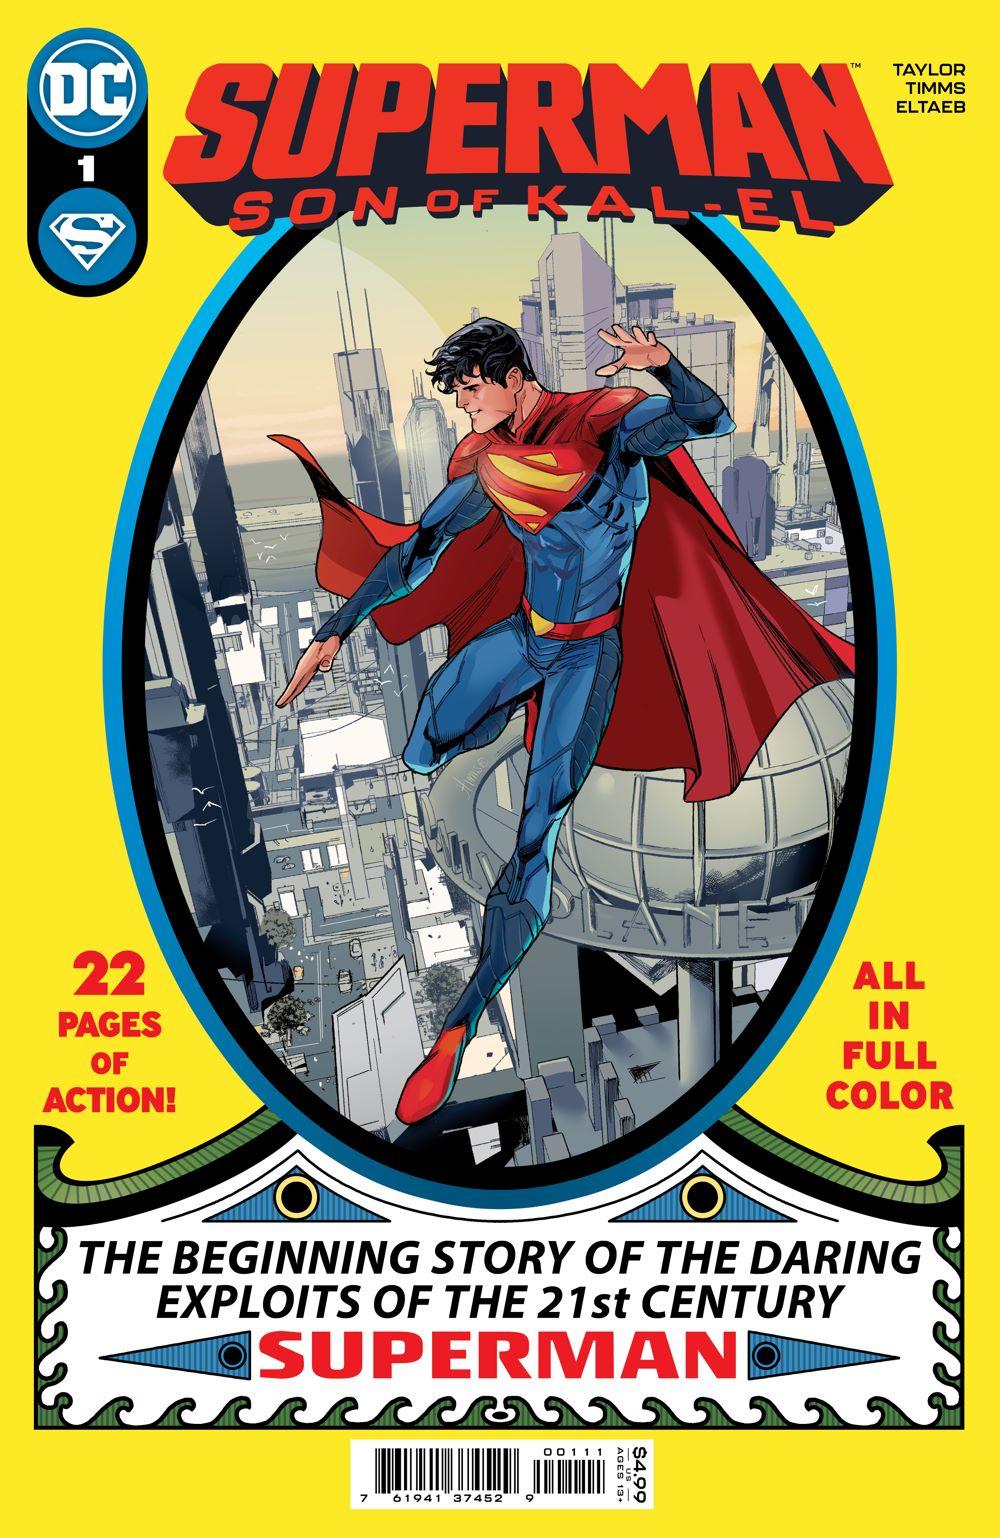 SMSOKE_Cv1 DC Comics July 2021 Solicitations